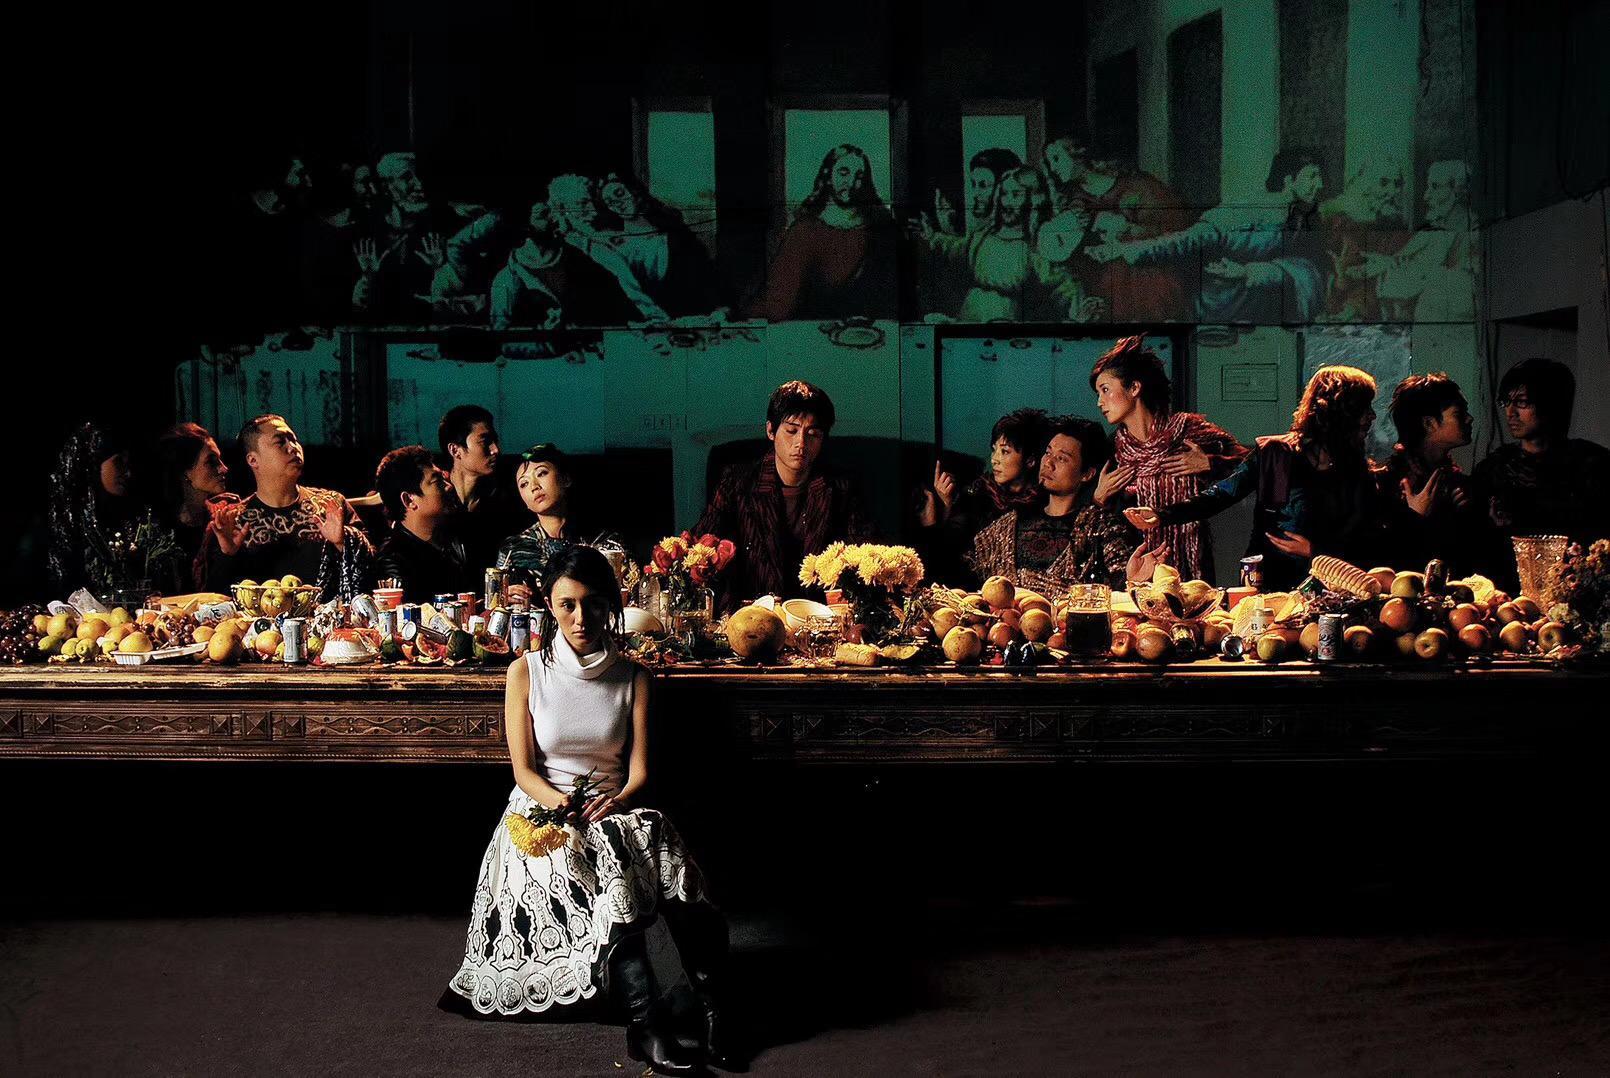 与孟京辉合作近20年,聂竞竹把海报做成当代艺术搬进了恭王府